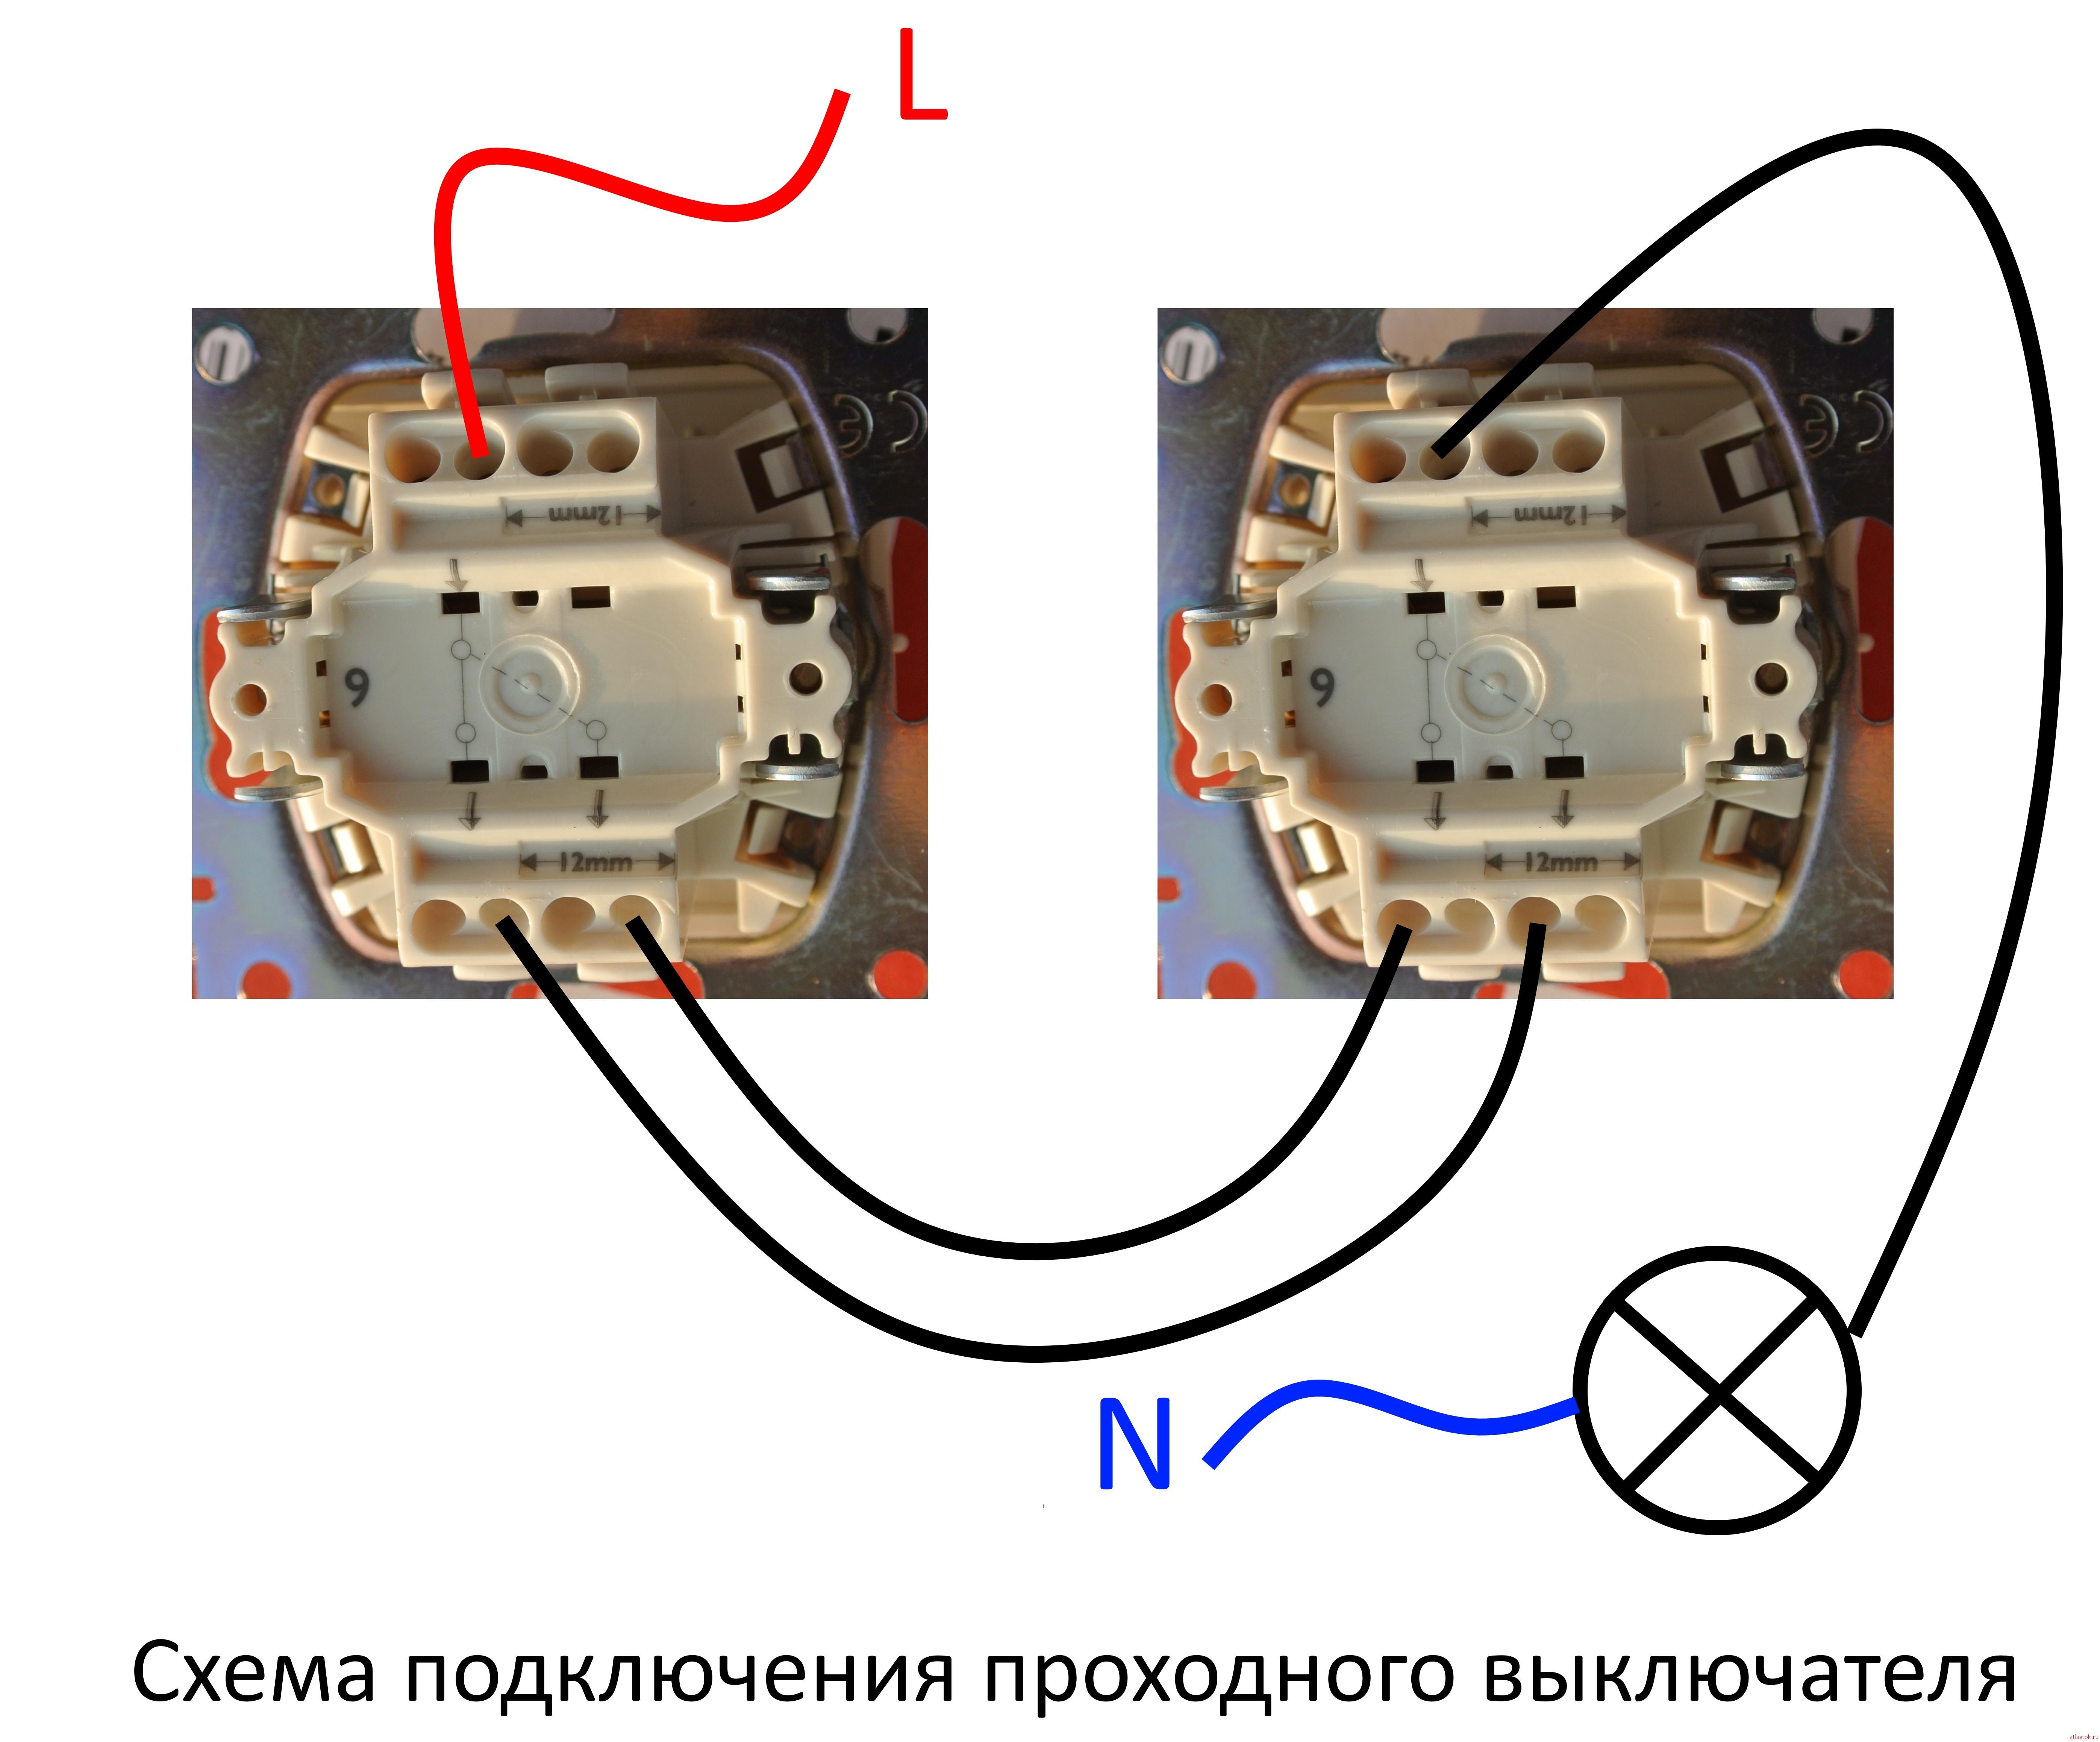 Как выглядит проходной выключатель